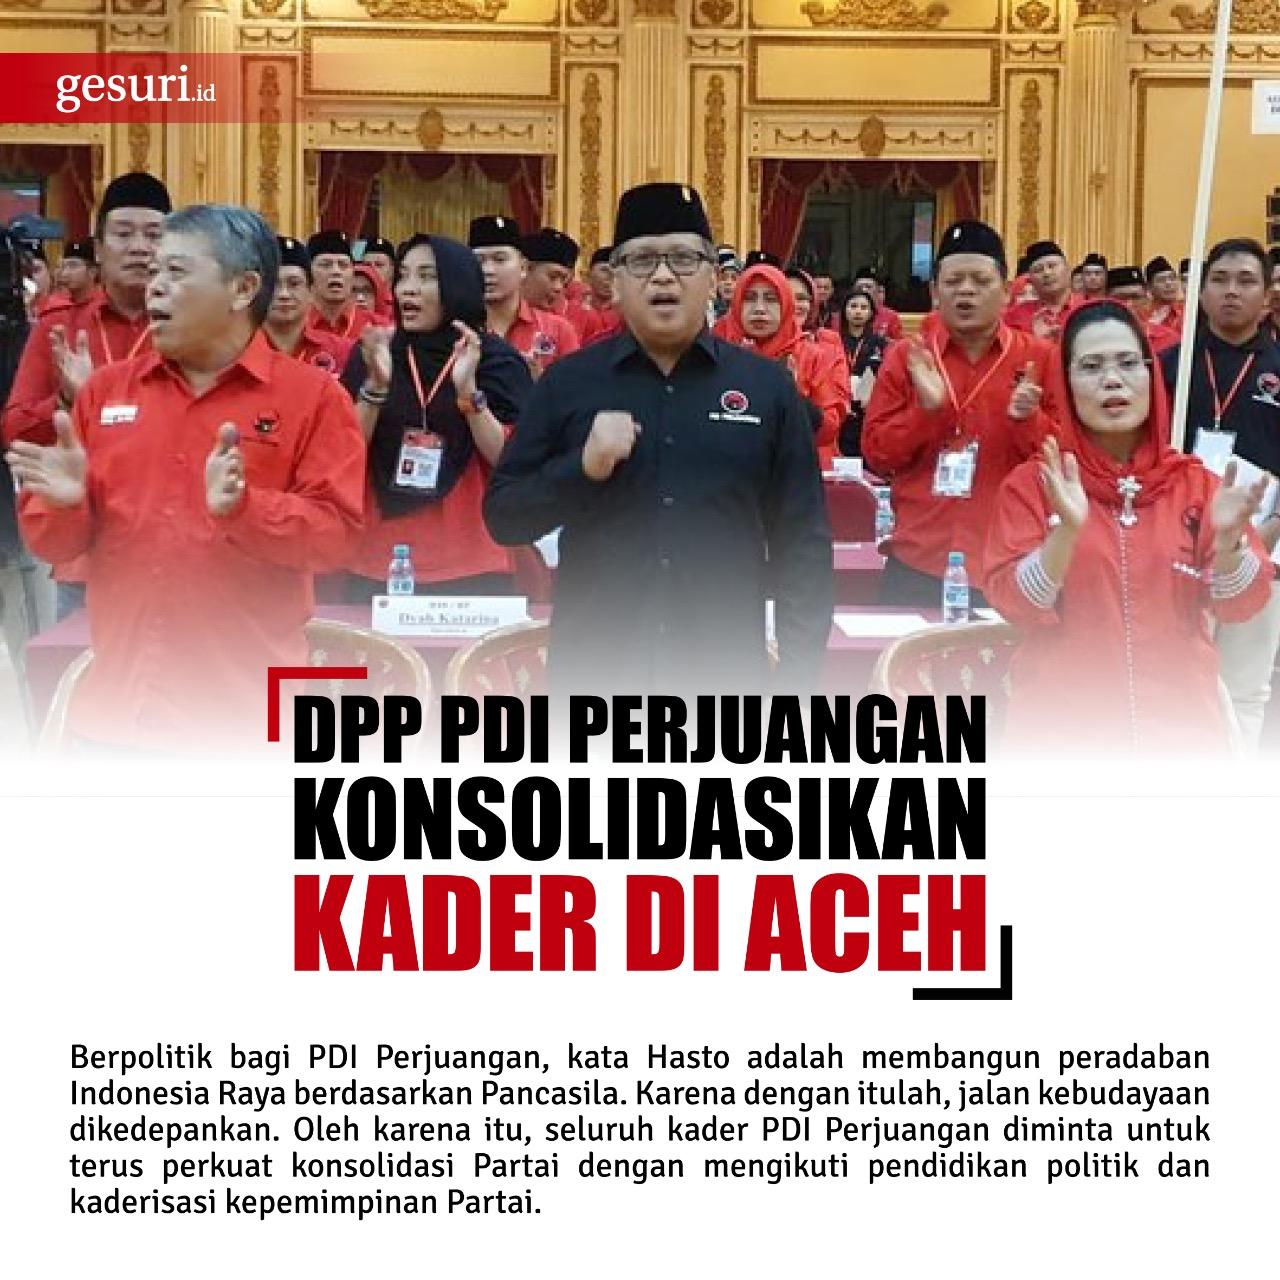 Konsolidasi di Aceh kedepankan gotong royong